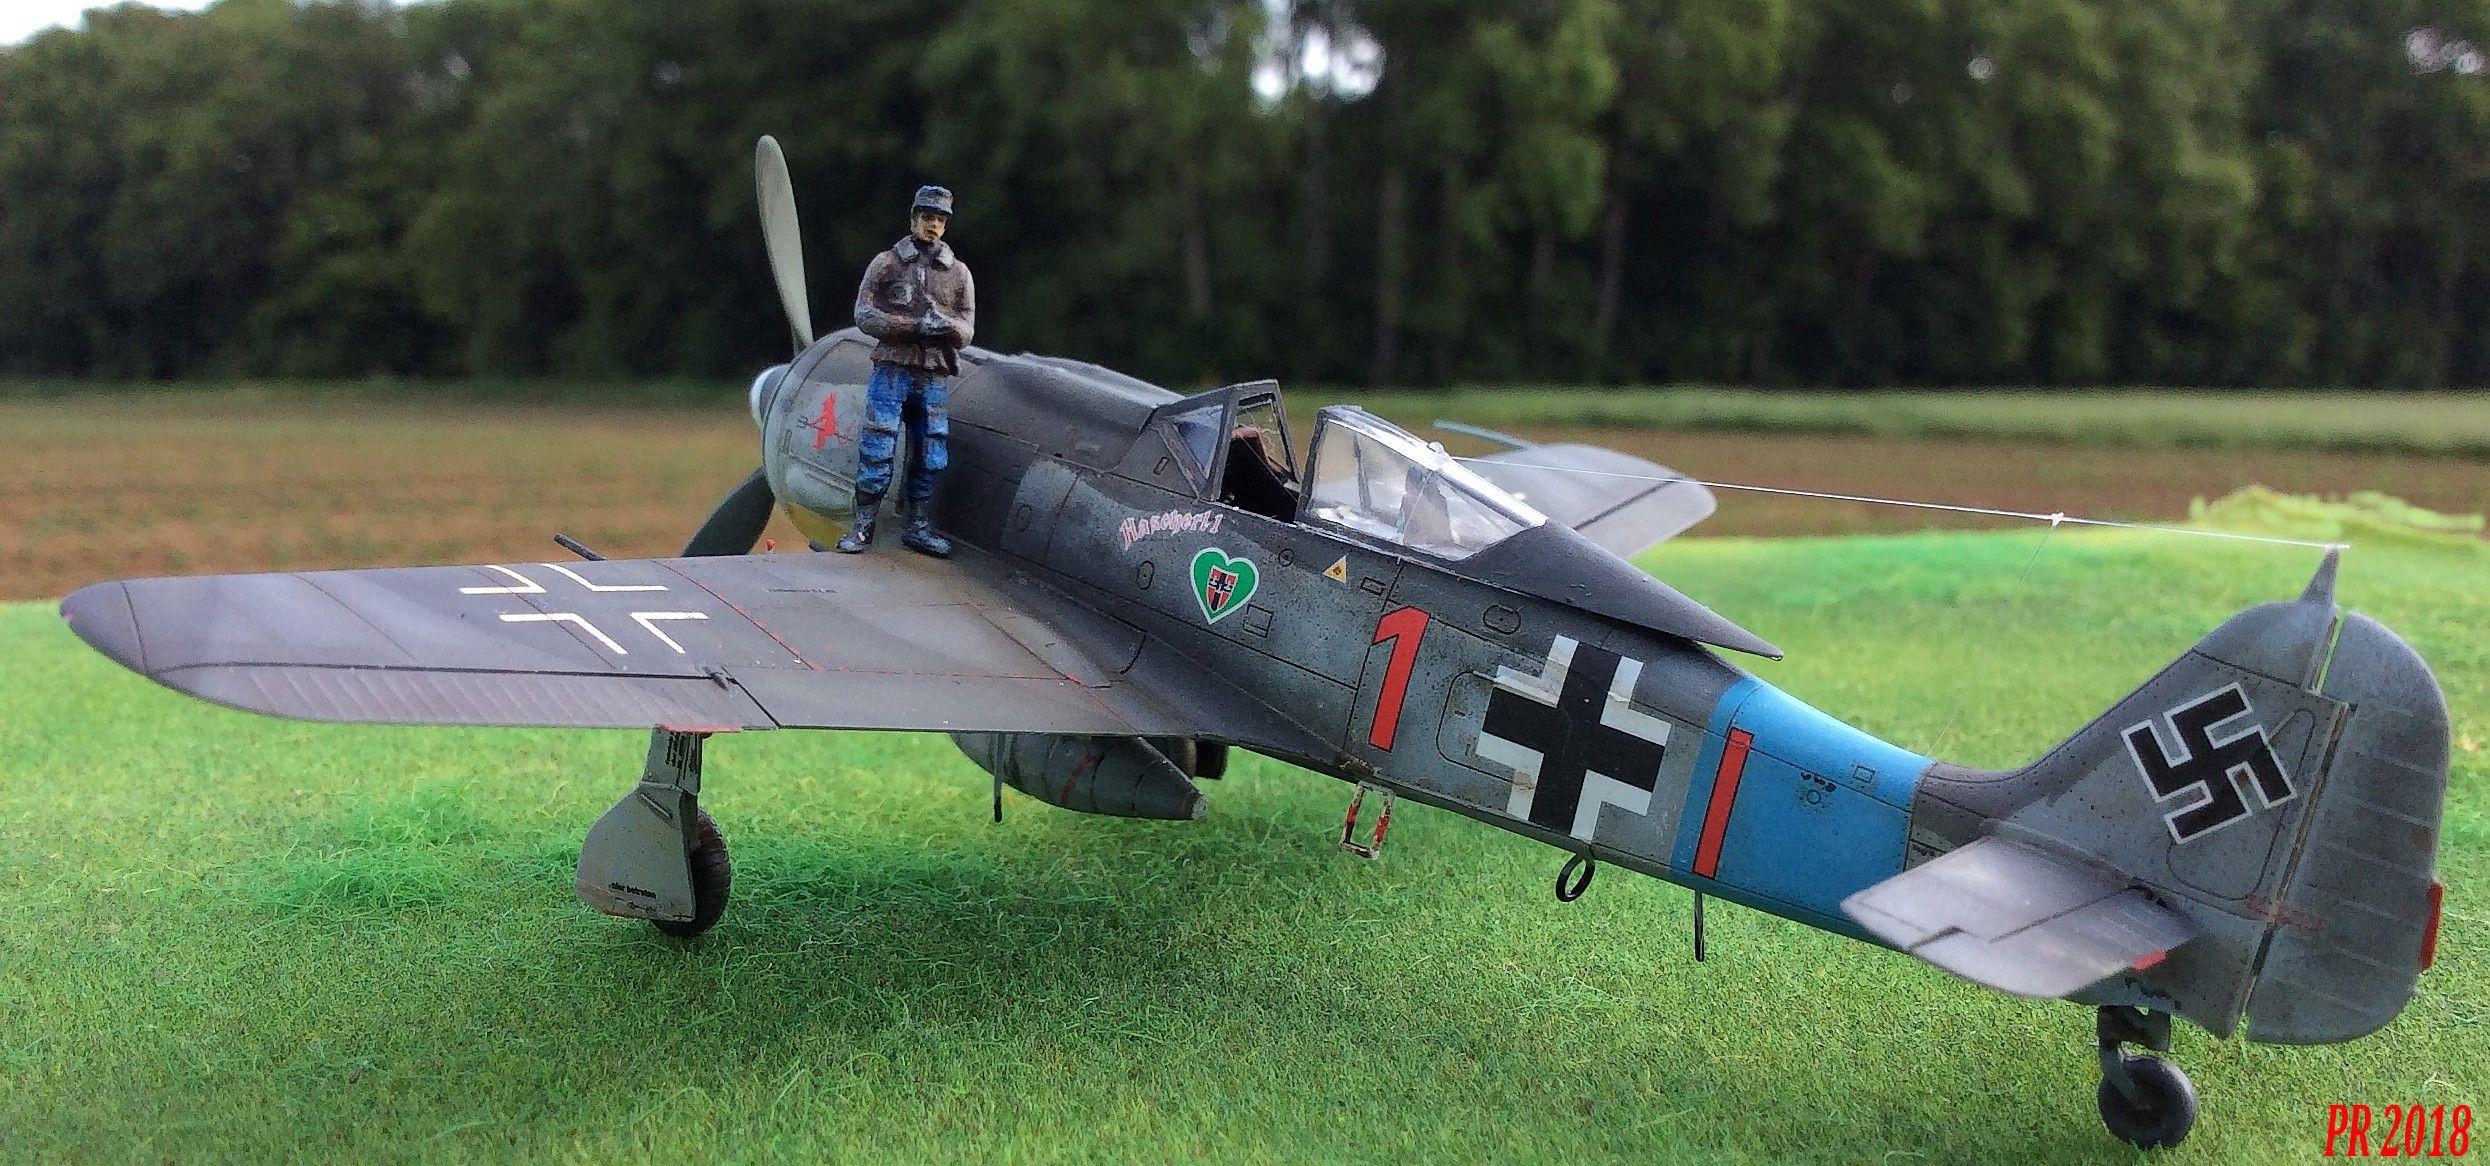 FW190 A8 maquette Eduard 1/72 Af0310